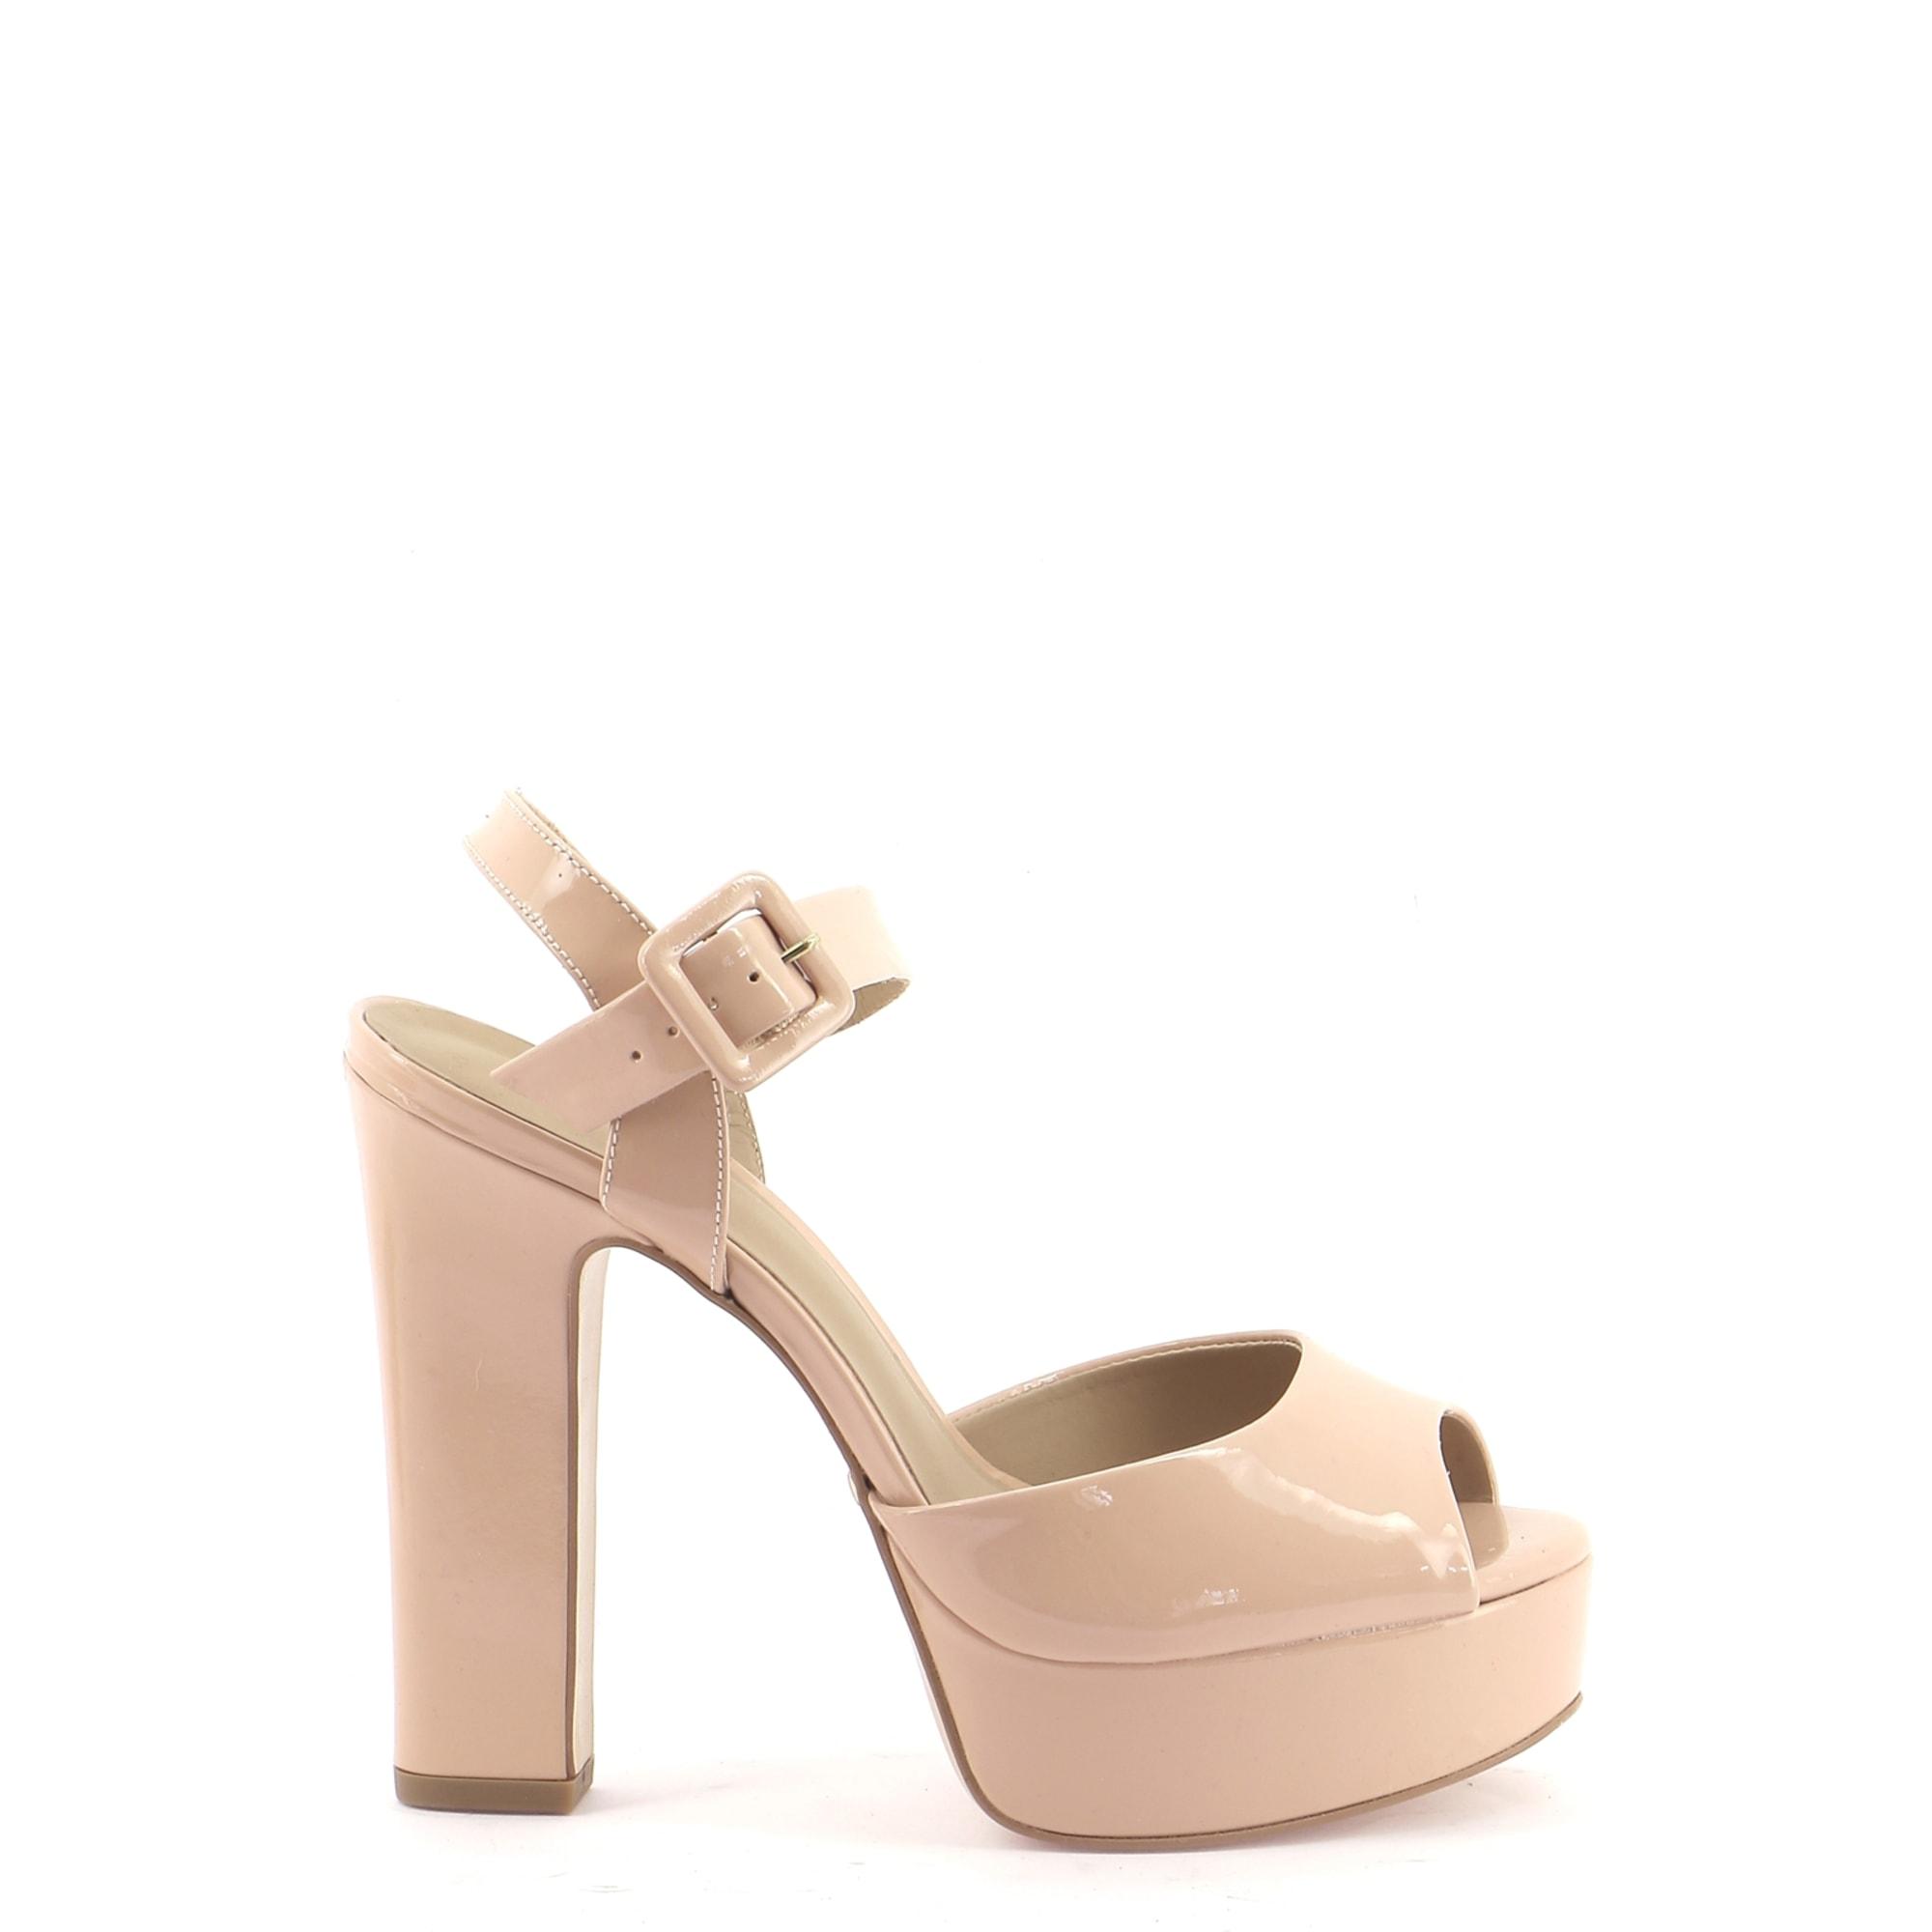 Flat Sandals MINELLI Pink, fuchsia, light pink